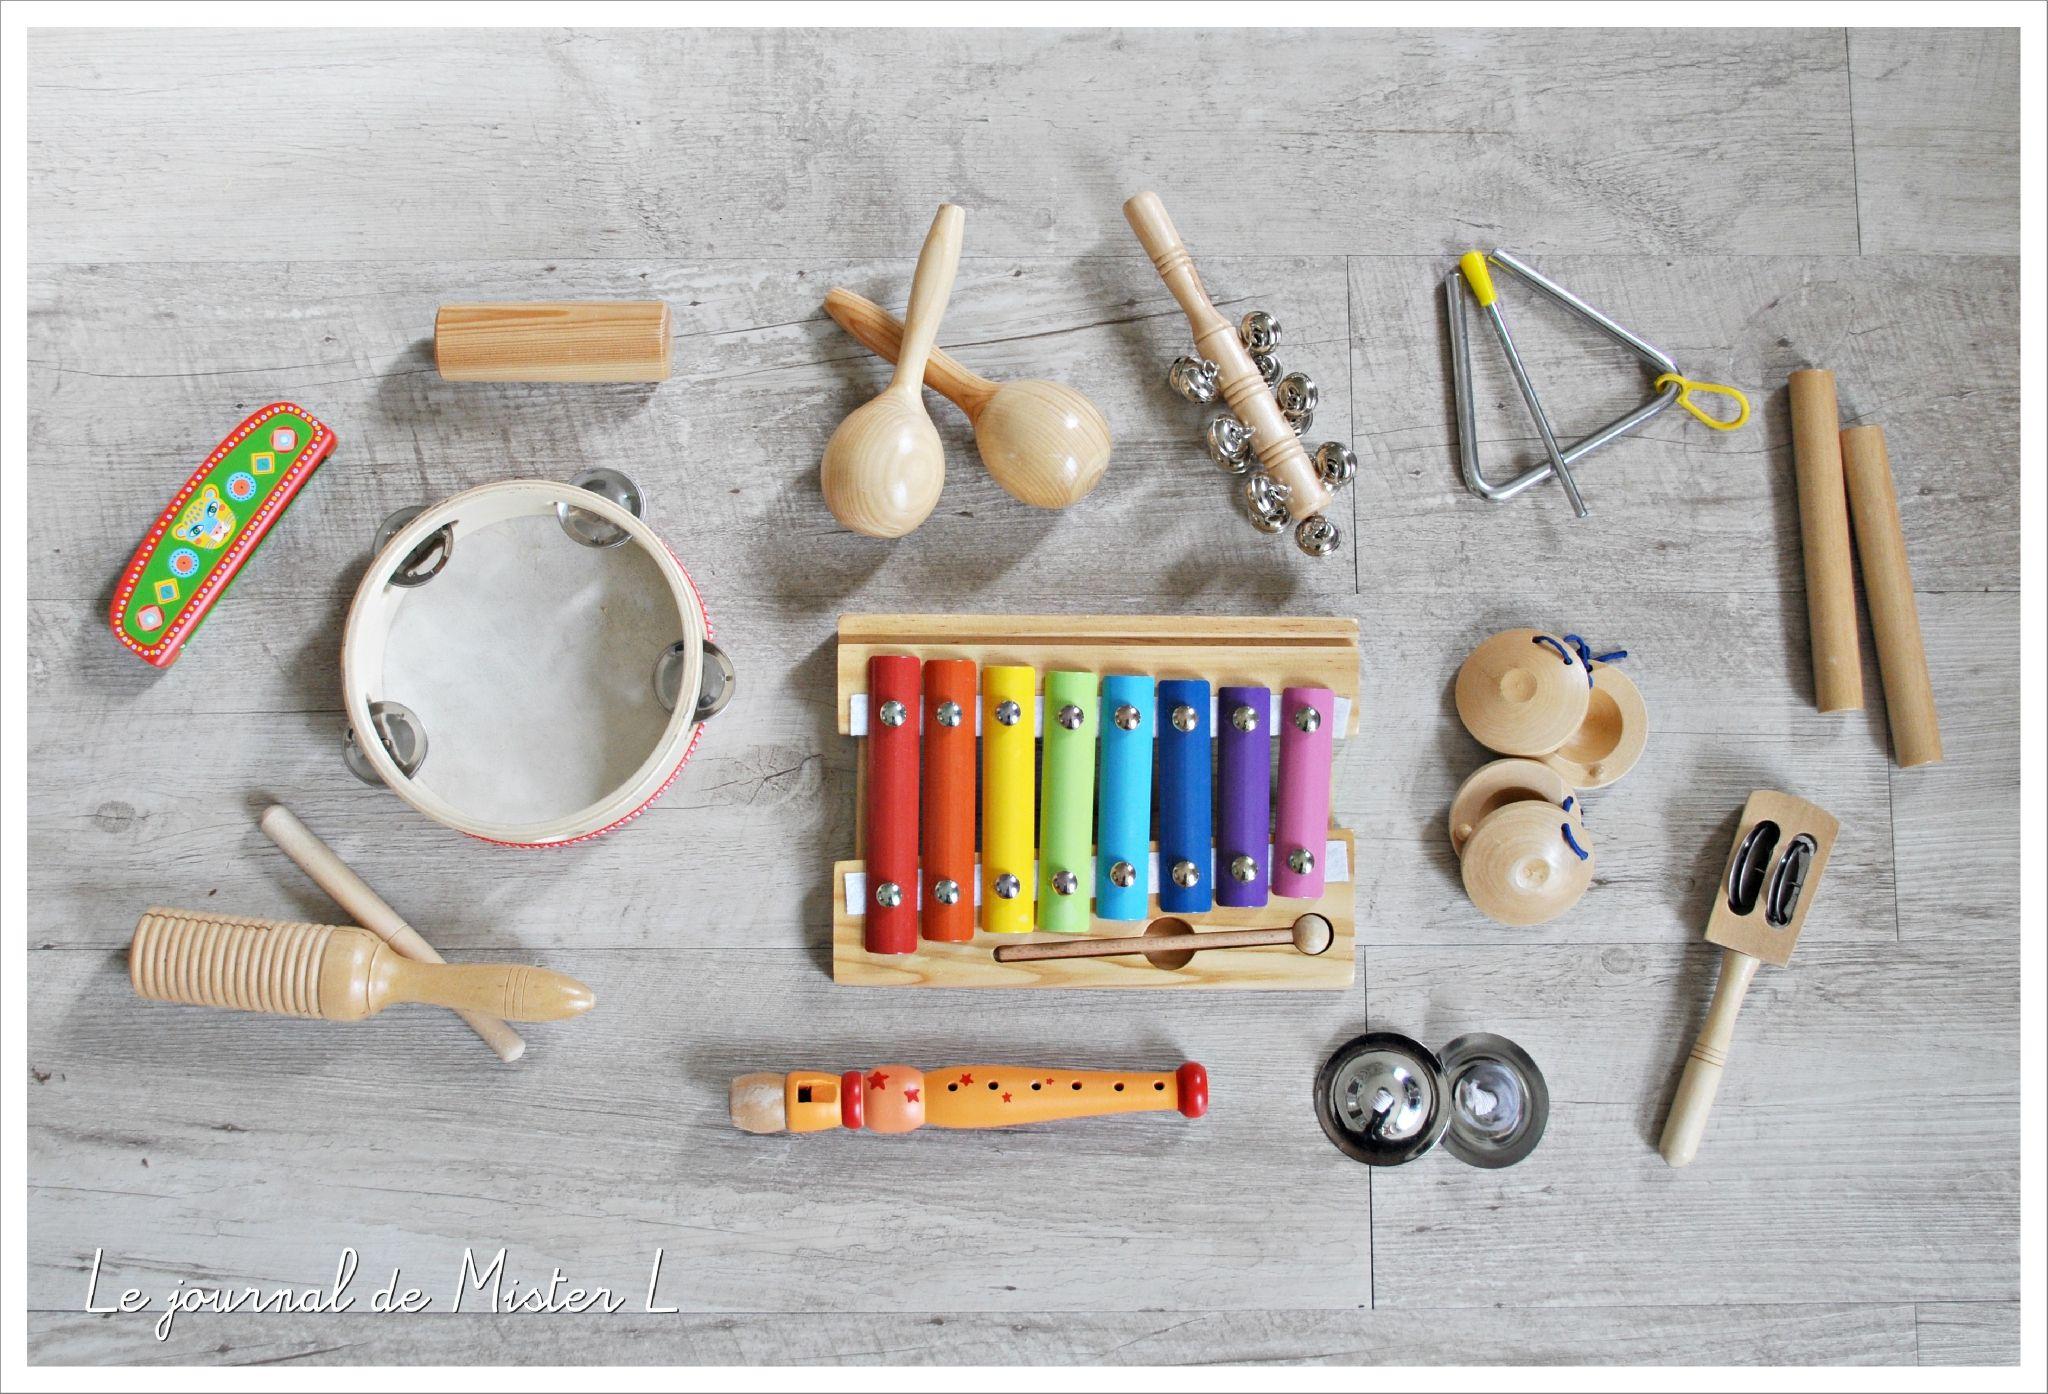 Les Instruments De Musique Pour Tout-Petit - Le Journal De intérieur Jeux En Ligne Pour Tout Petit